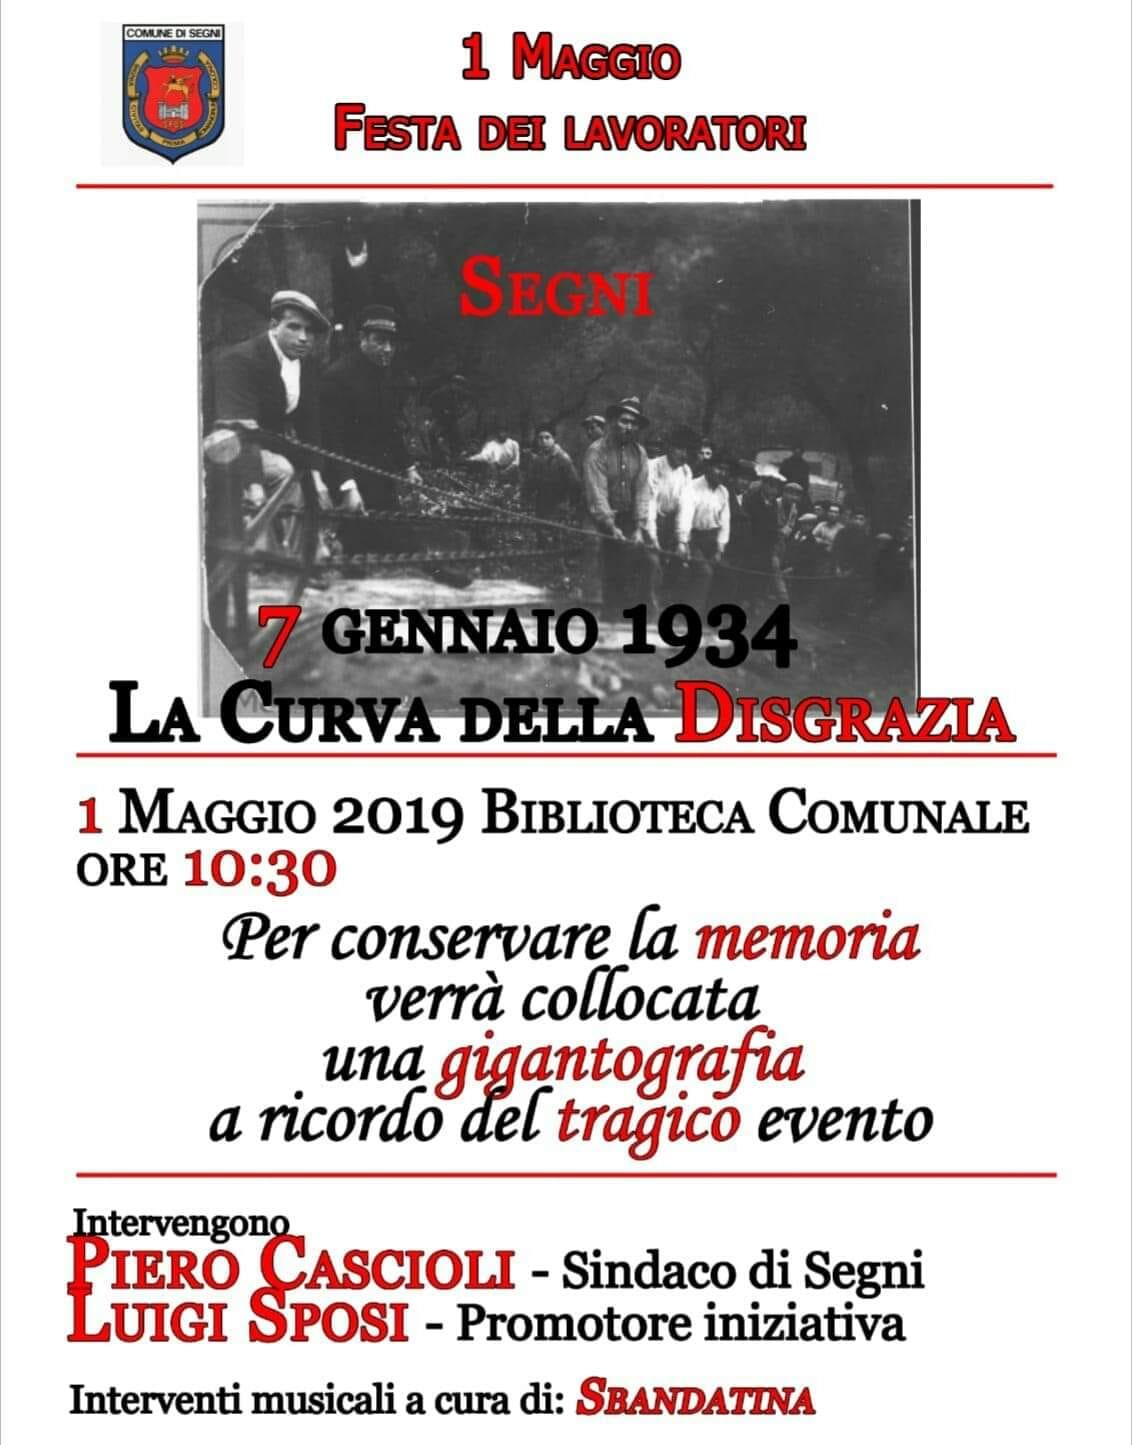 Segni: 1 Maggio - Festa dei lavoratori @ biblioteca comunale | Lazio | Italia